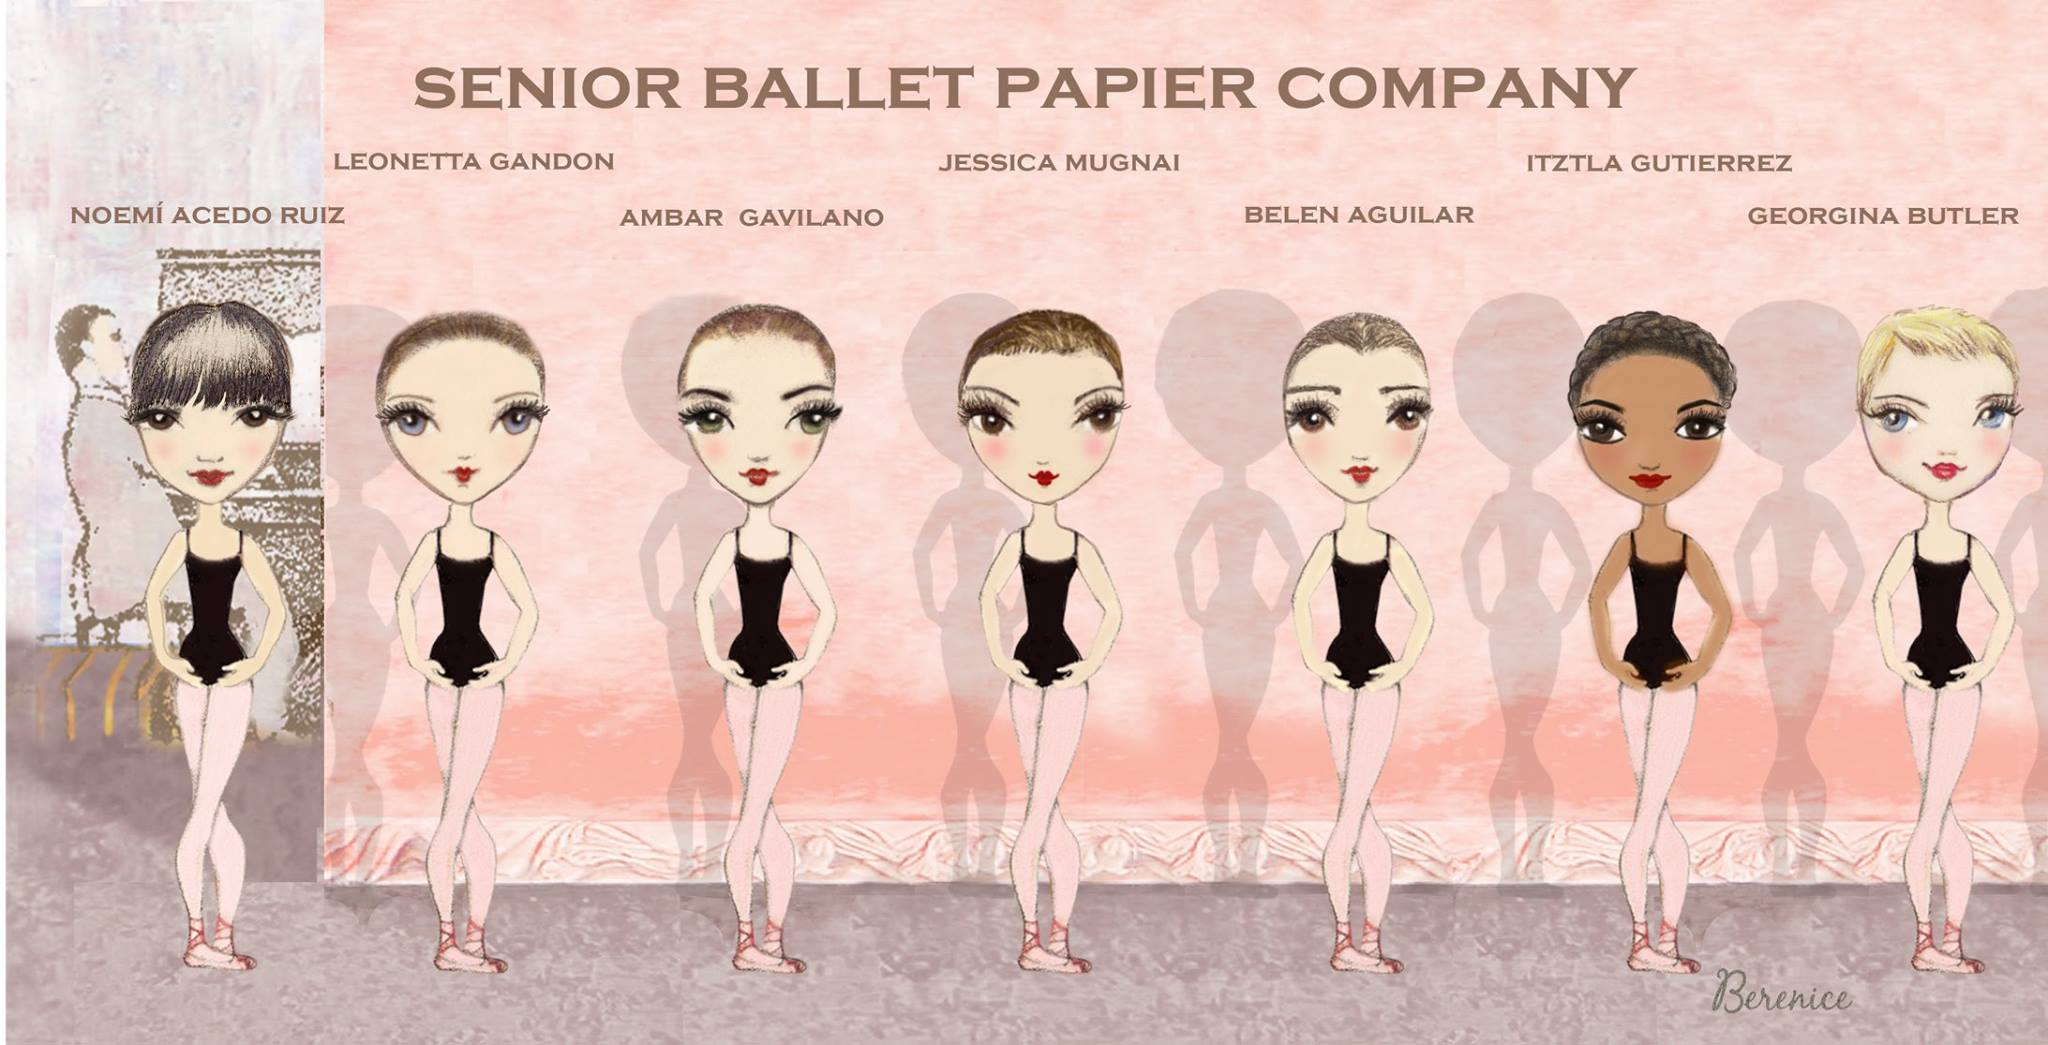 Ballet class illustration by Ballet Papier artist Berenice